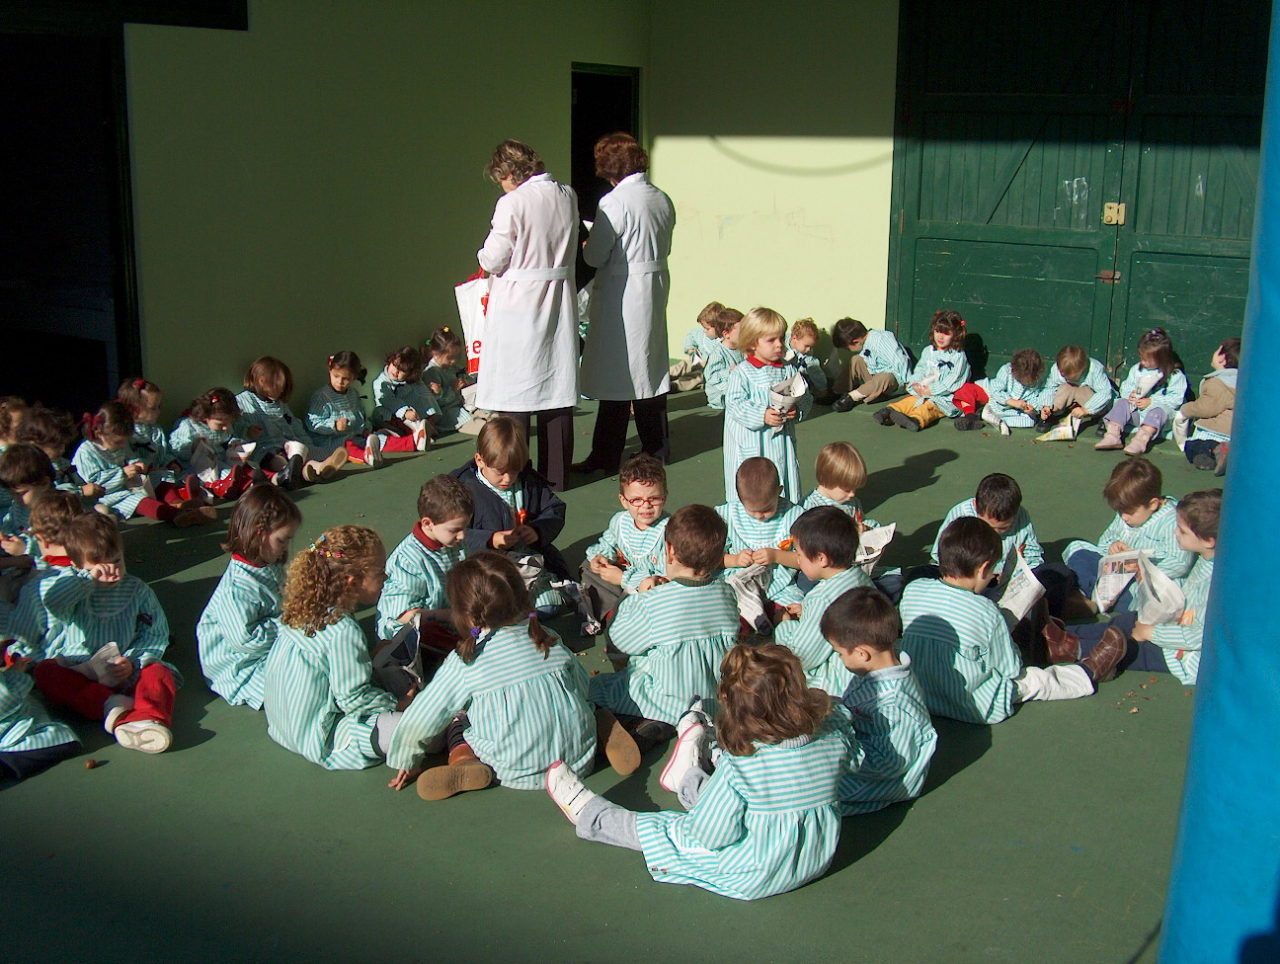 Sólo uno de cada 20 niños de 0 a 3 años tiene acceso a una escuela infantil pública en Centro